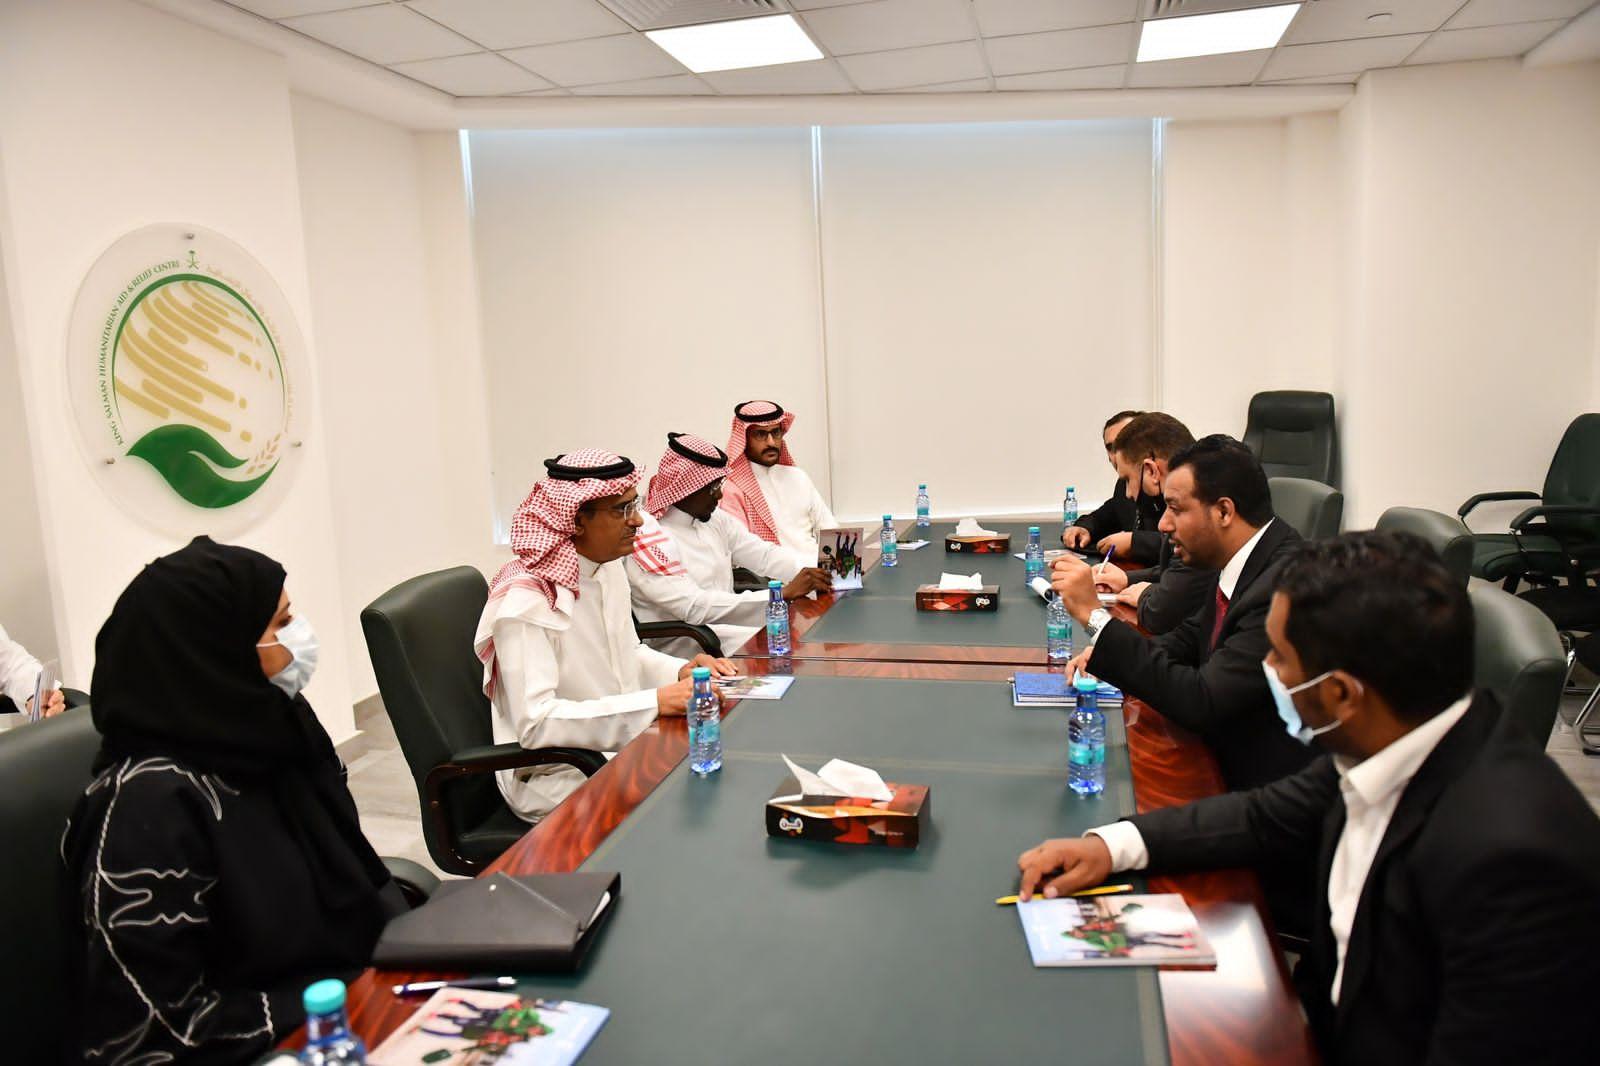 وزير التربية يناقش مع مركز الملك سلمان برامج دعم المعلمين والمشاريع التعليمية